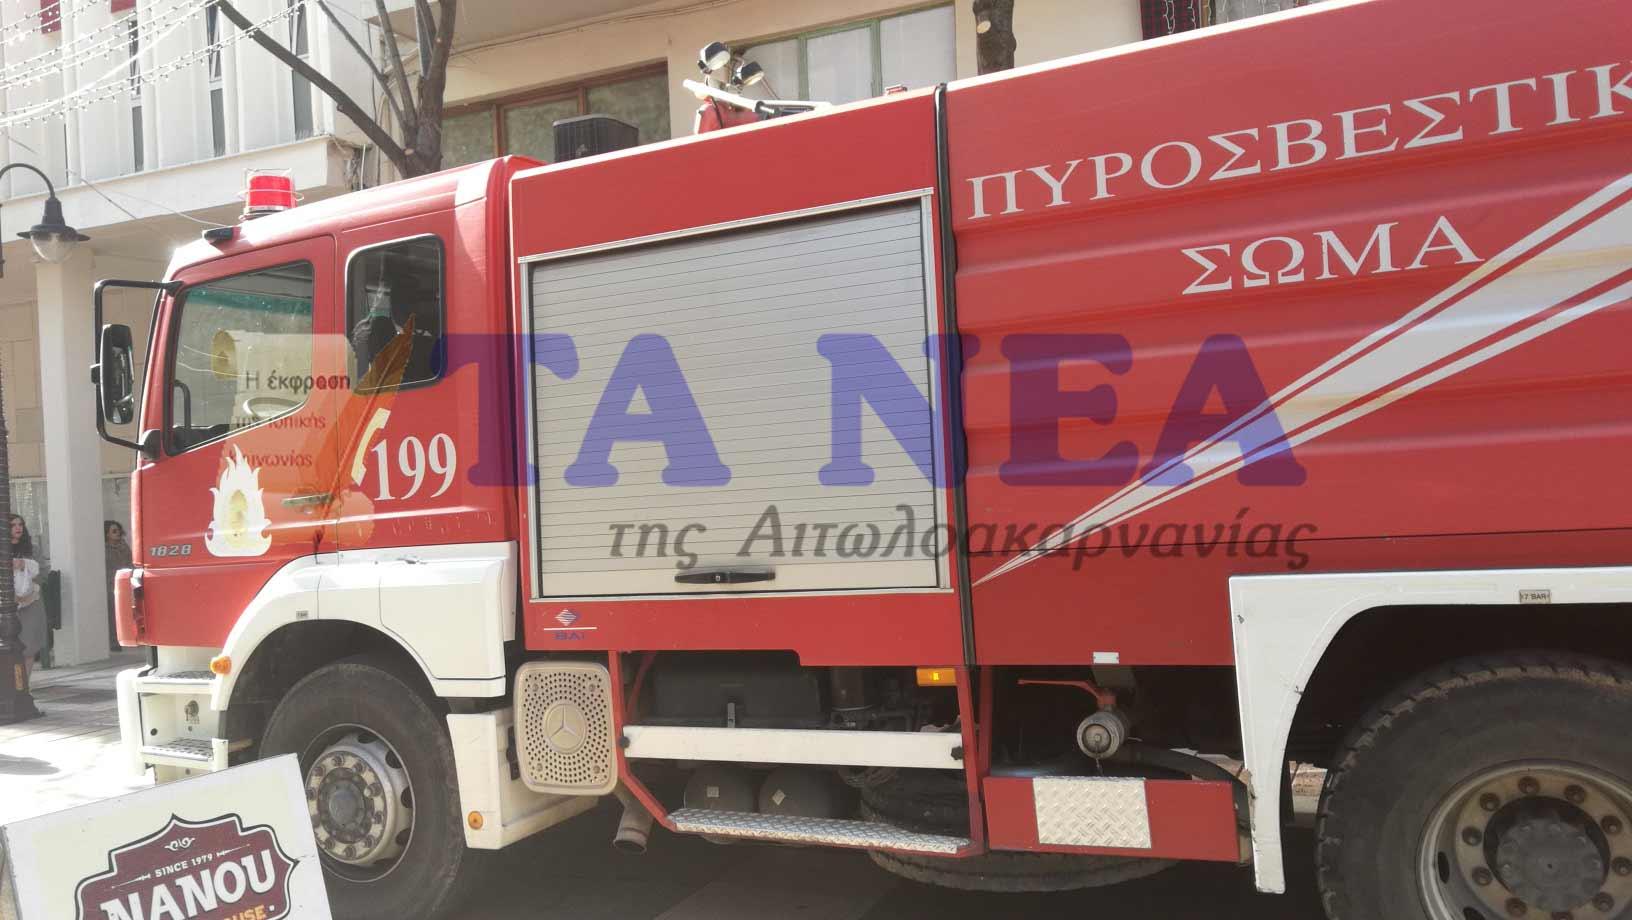 2a63e6dd97b Την επιχείρηση συντόνισε ο διοικητής της πυροσβεστικής Αγρινίου Ευστράτιος  Πετράκης ενώ μένει να προσδιοριστούν επακριβώς τα αίτια που προκάλεσαν τη  φωτιά.